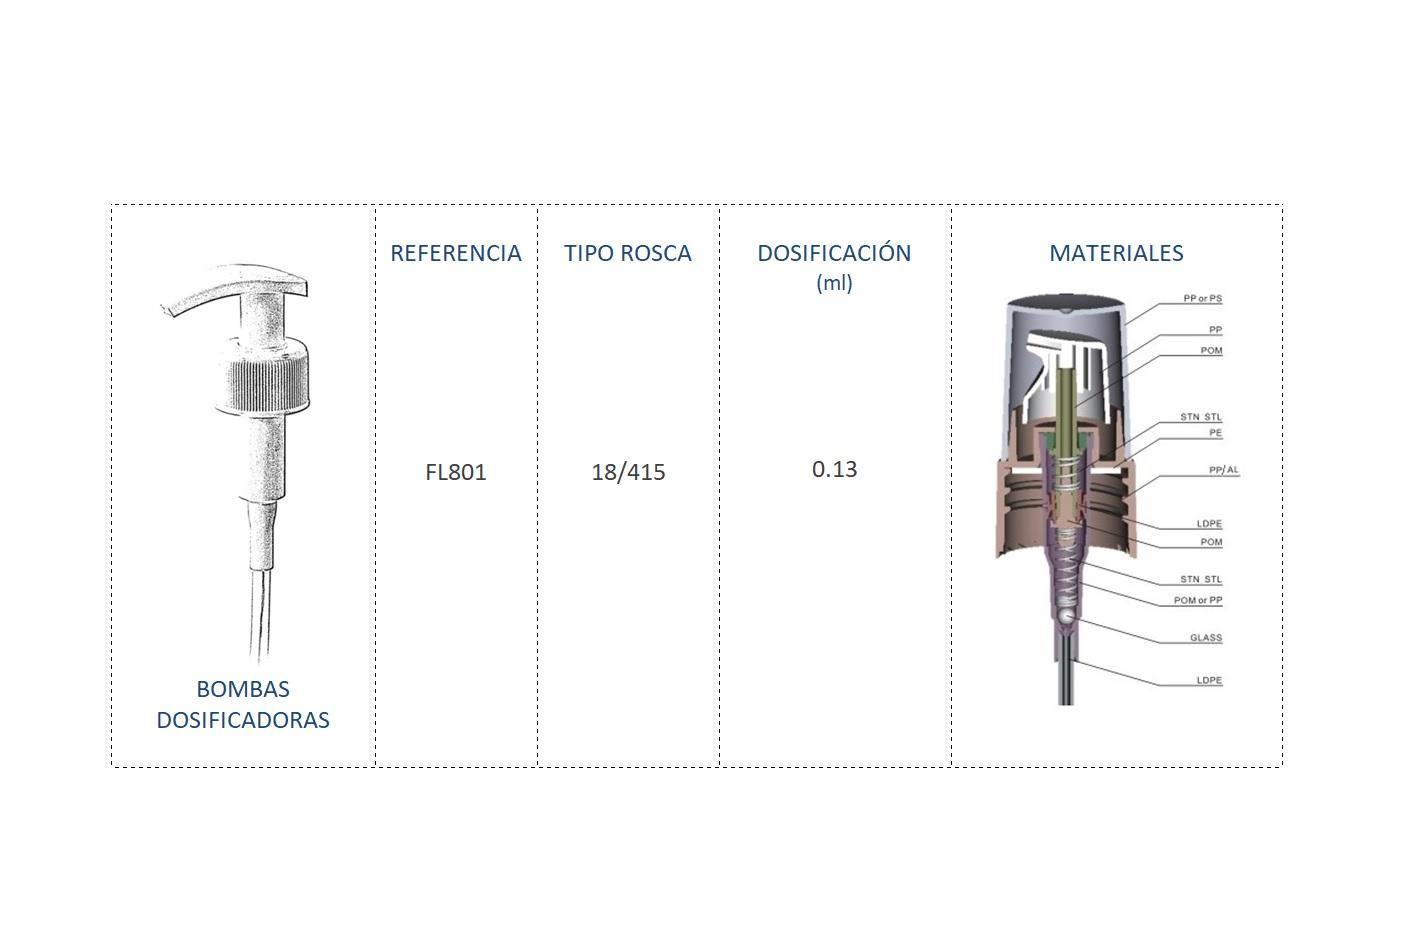 Cuadro materiales bomba dosificadora FL801 18/415